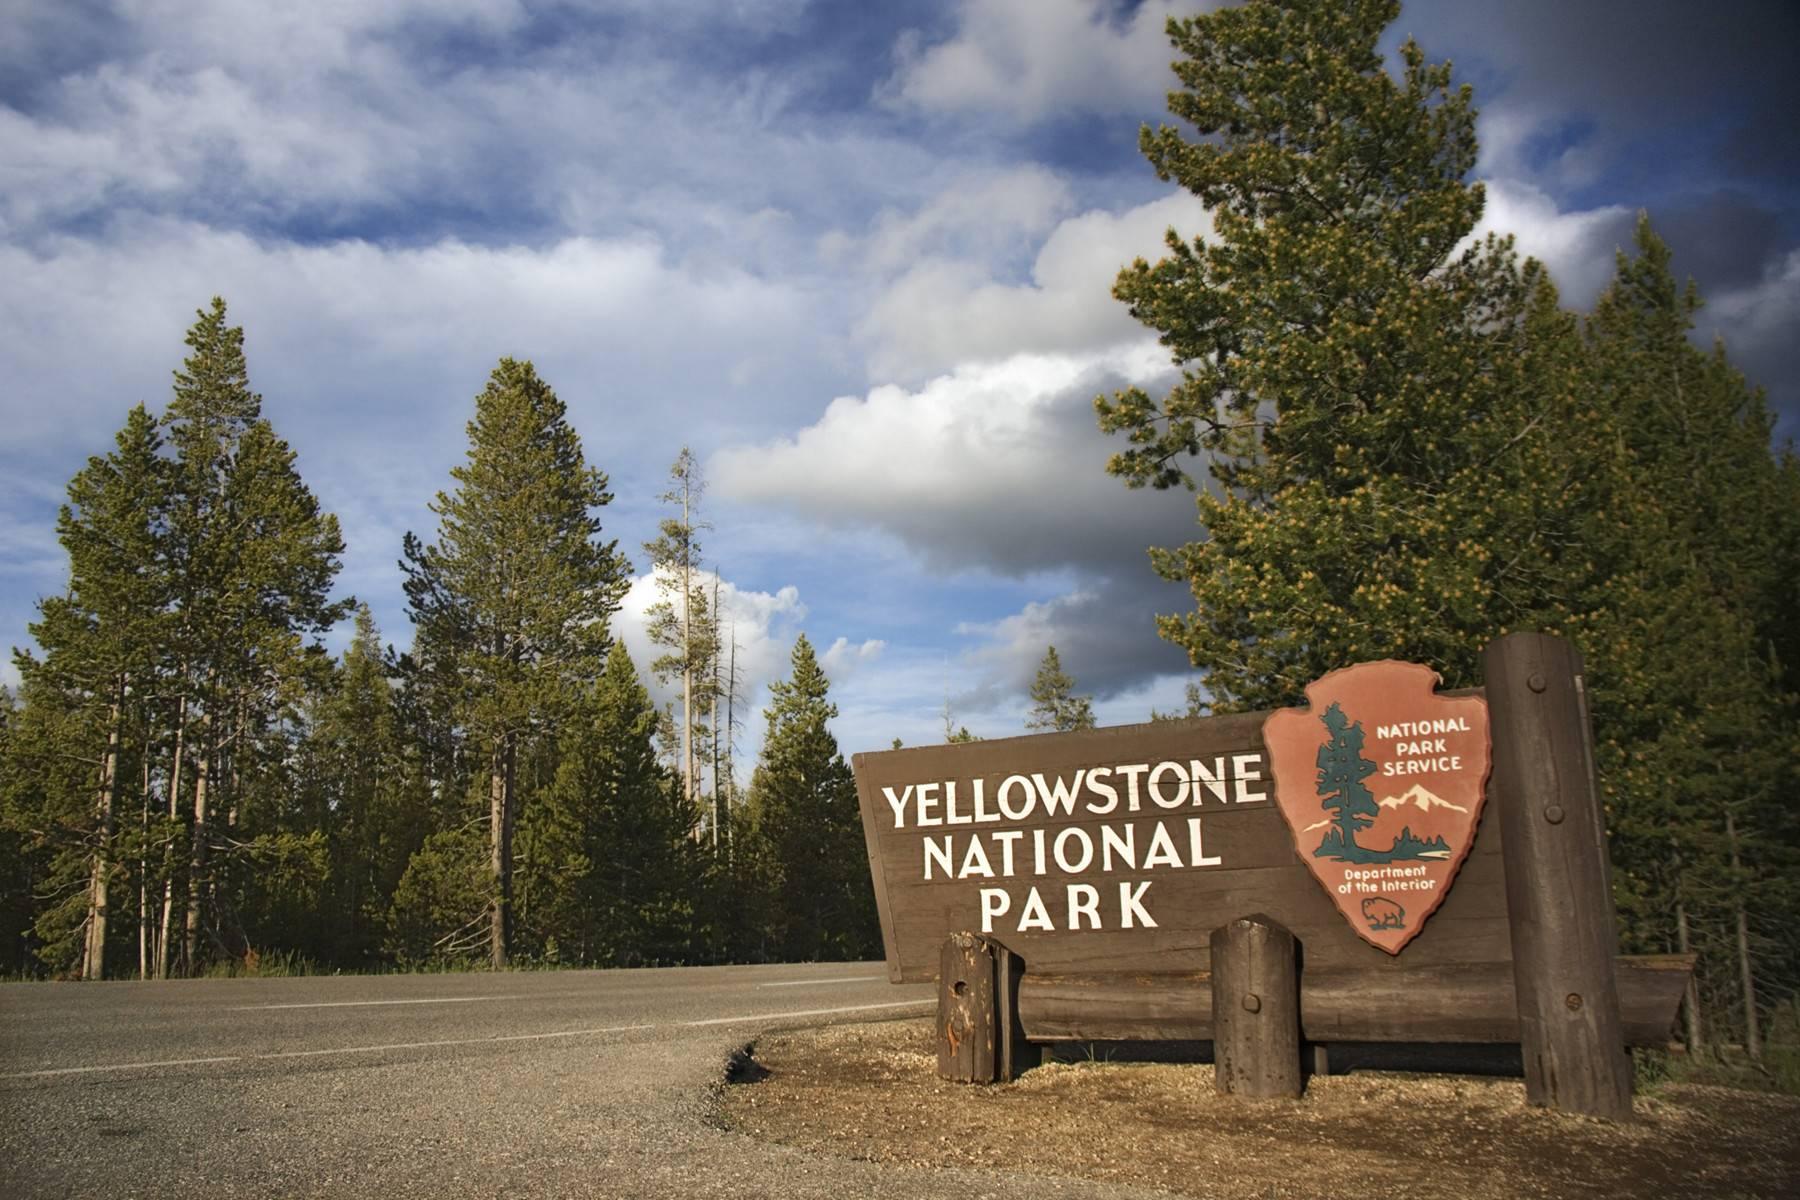 10-Day Wild West Coast Tour W/ California Theme Parks